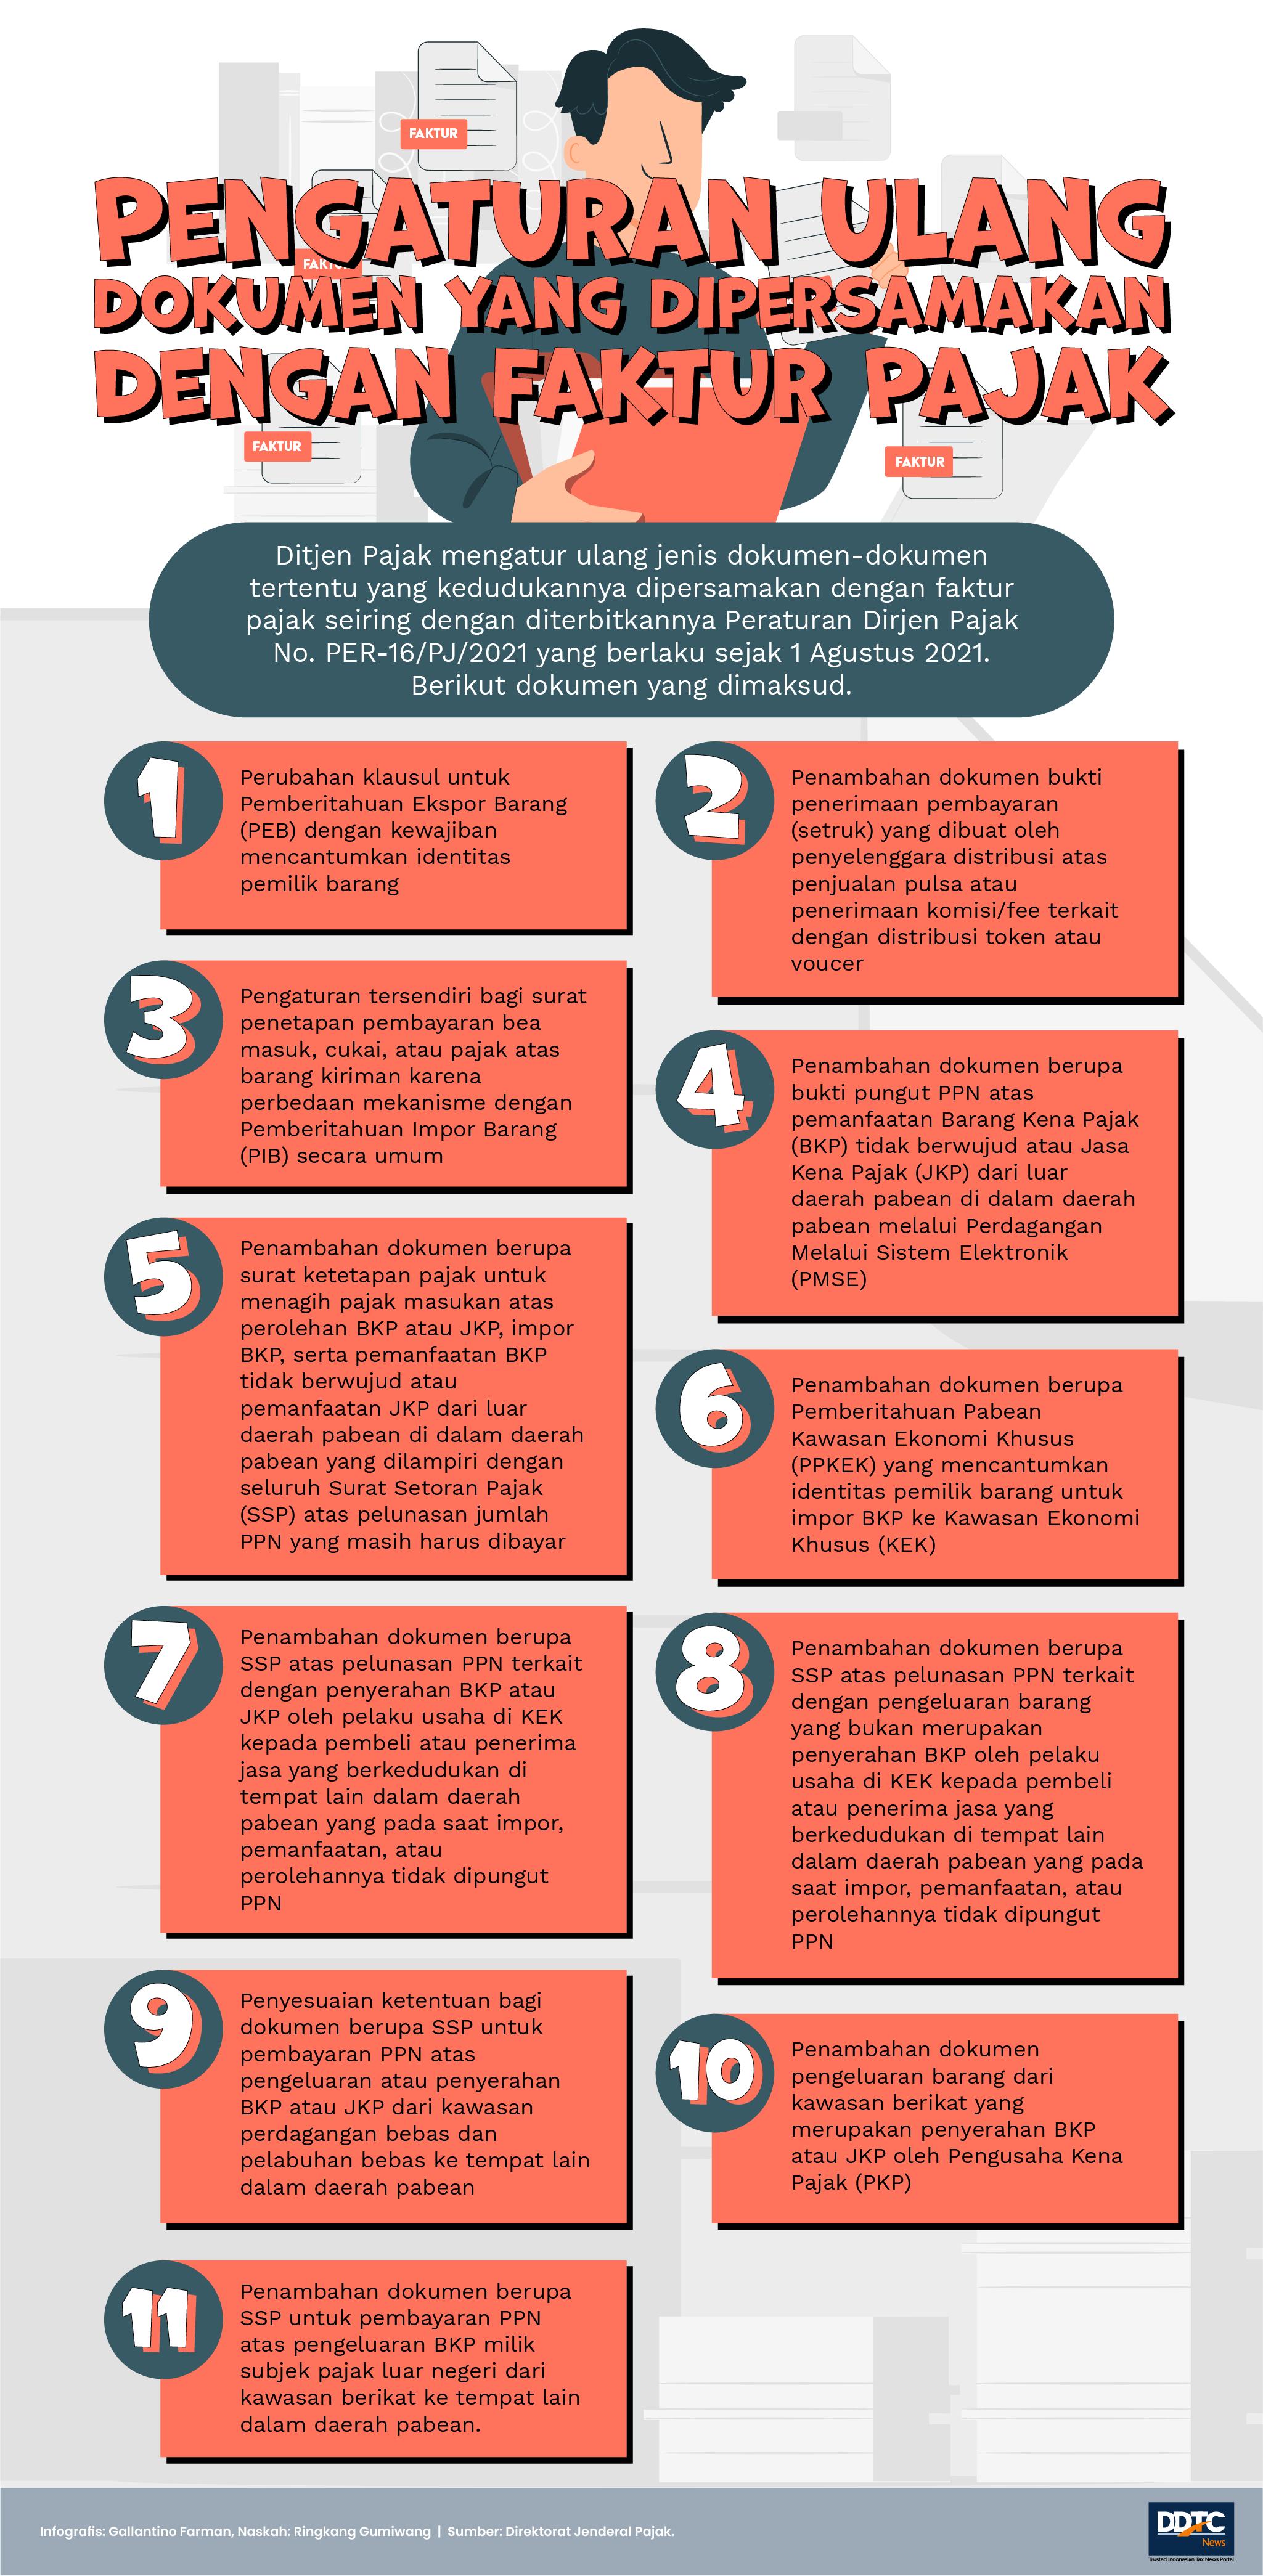 Pengaturan Ulang Dokumen yang Dipersamakan dengan Faktur Pajak